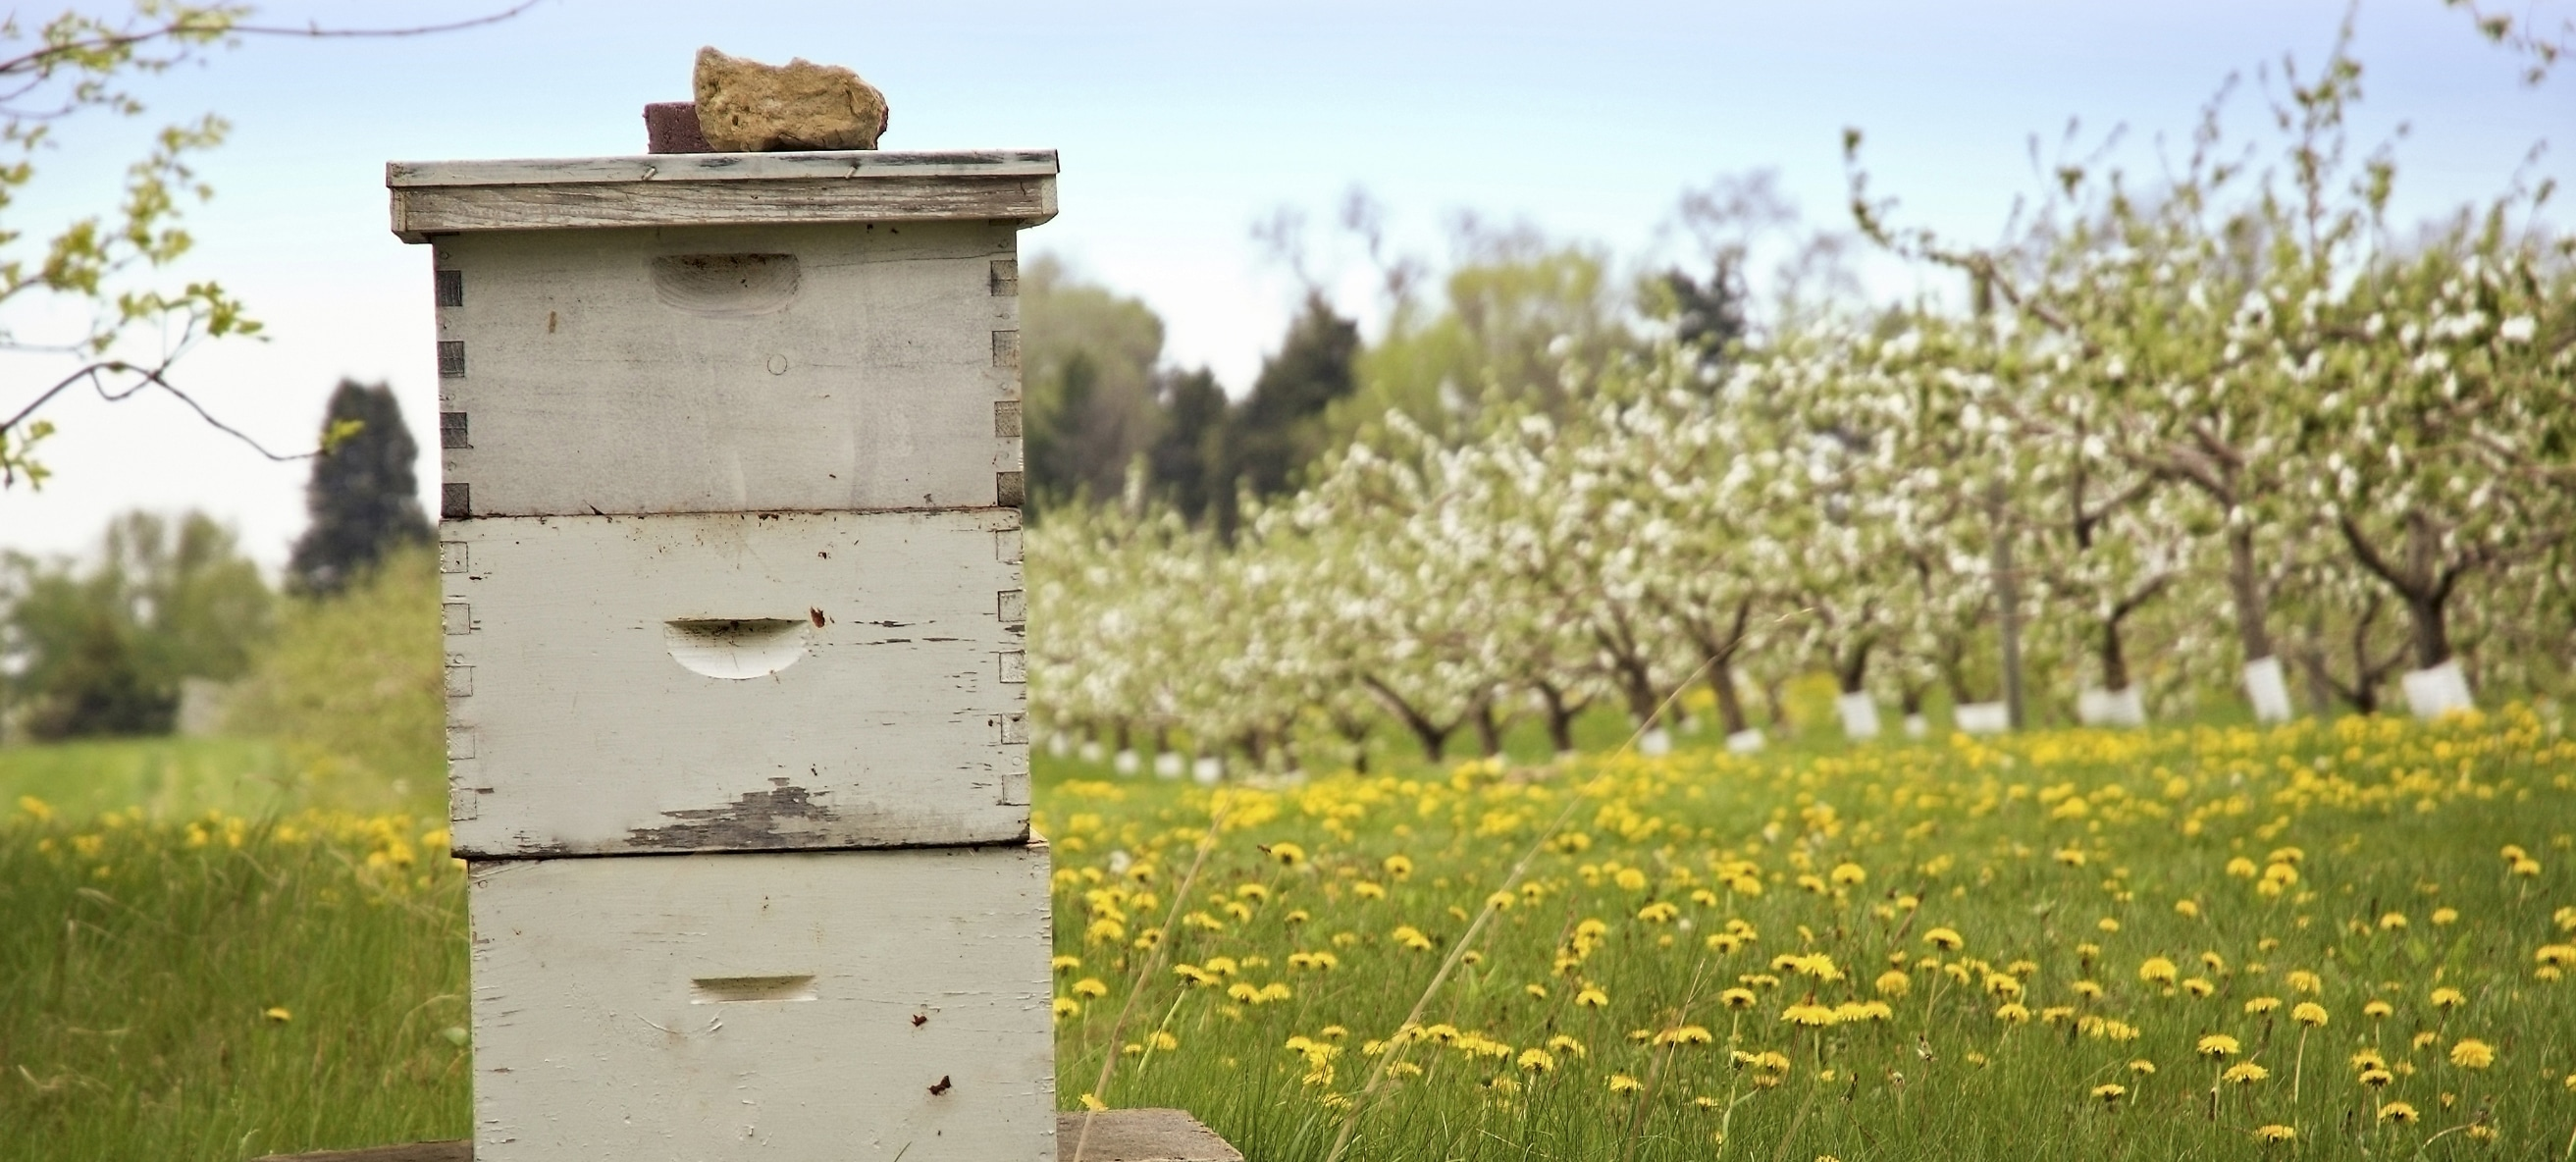 55f1e4a32d66 Cómo comenzar con paquetes de abejas